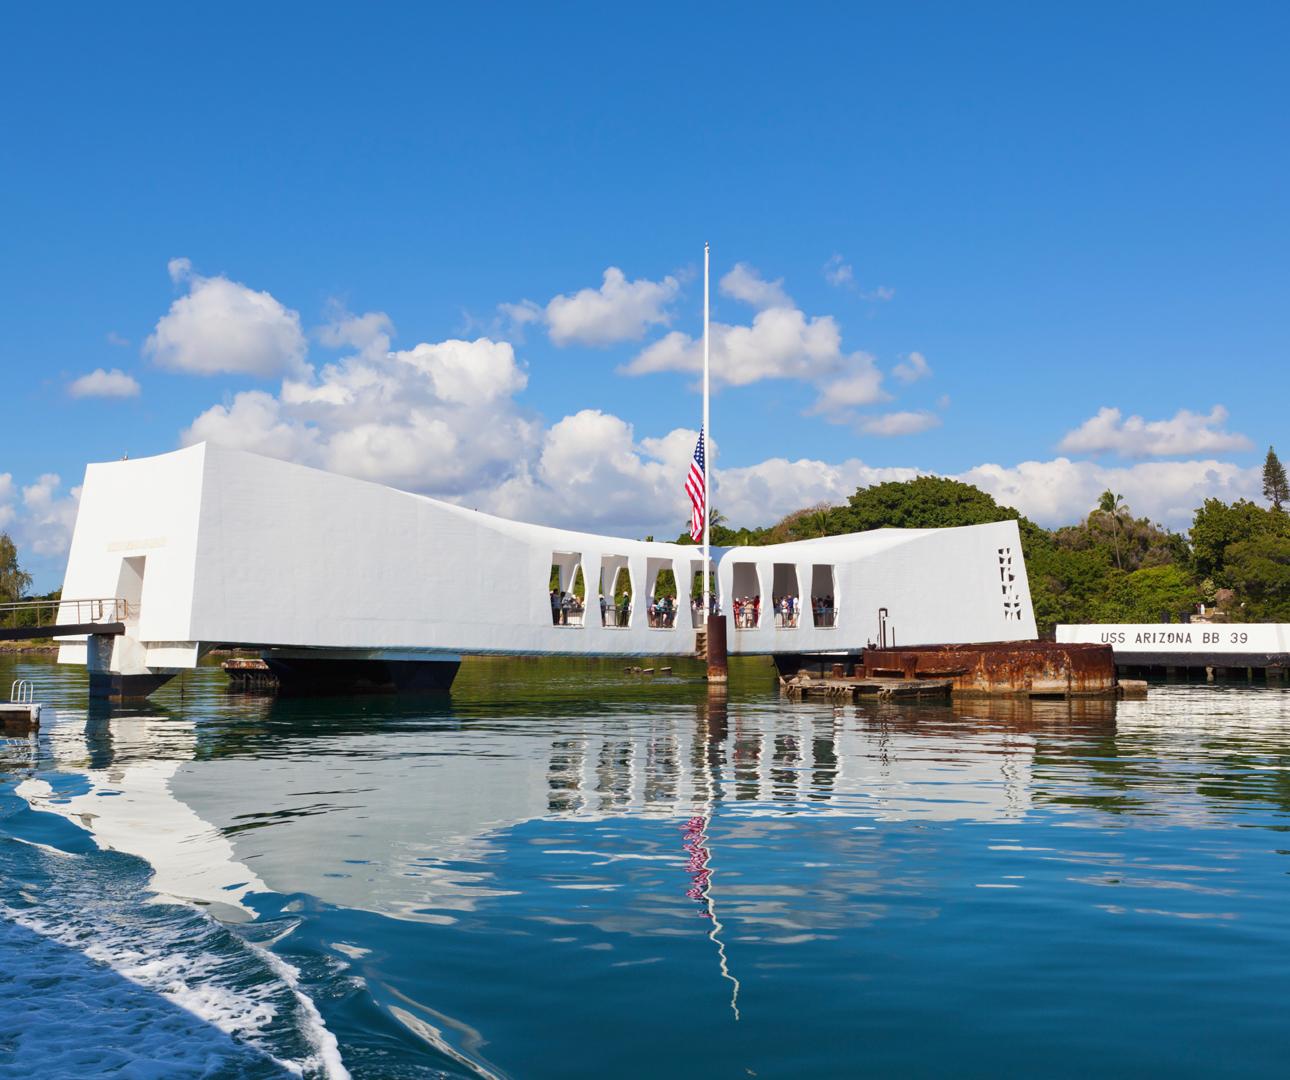 USS-Arizona-Memorial-Pearl-Harbor-Hawaii-iStock-pinggr-www.istockphoto[1]